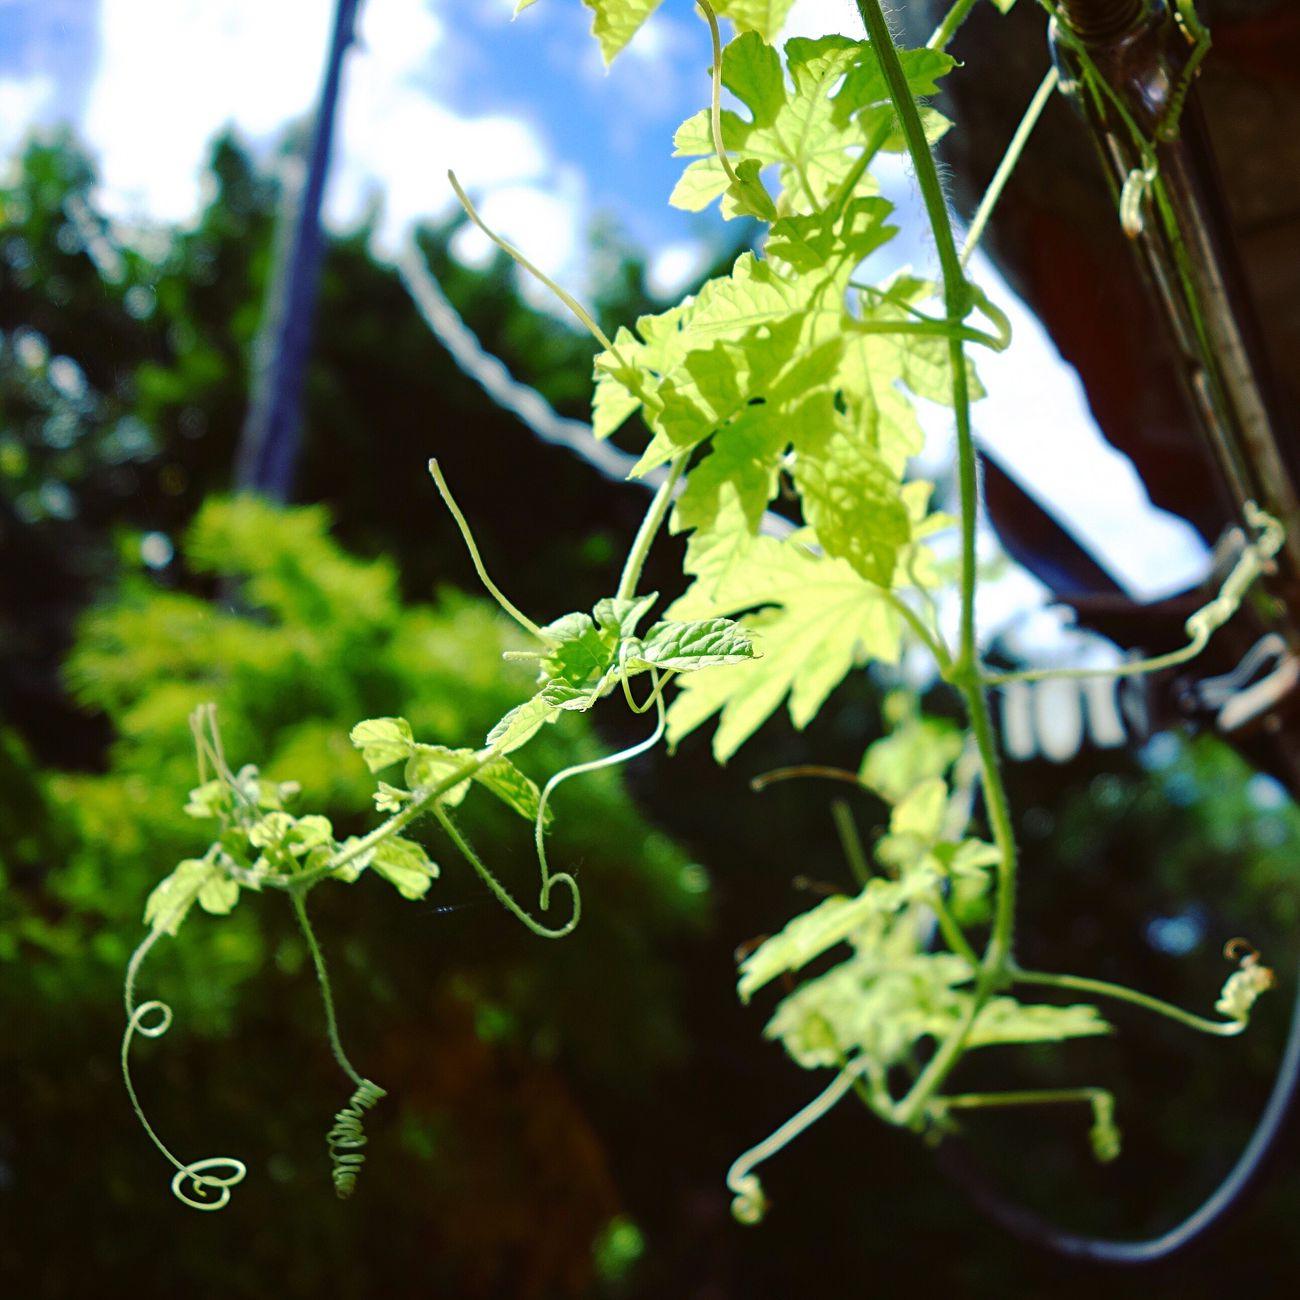 ゴーヤー ゴーヤ Bittermelon Vine Creeper Creepers Liane Plant Green Leaves Yaeyama Okinawa Rx100